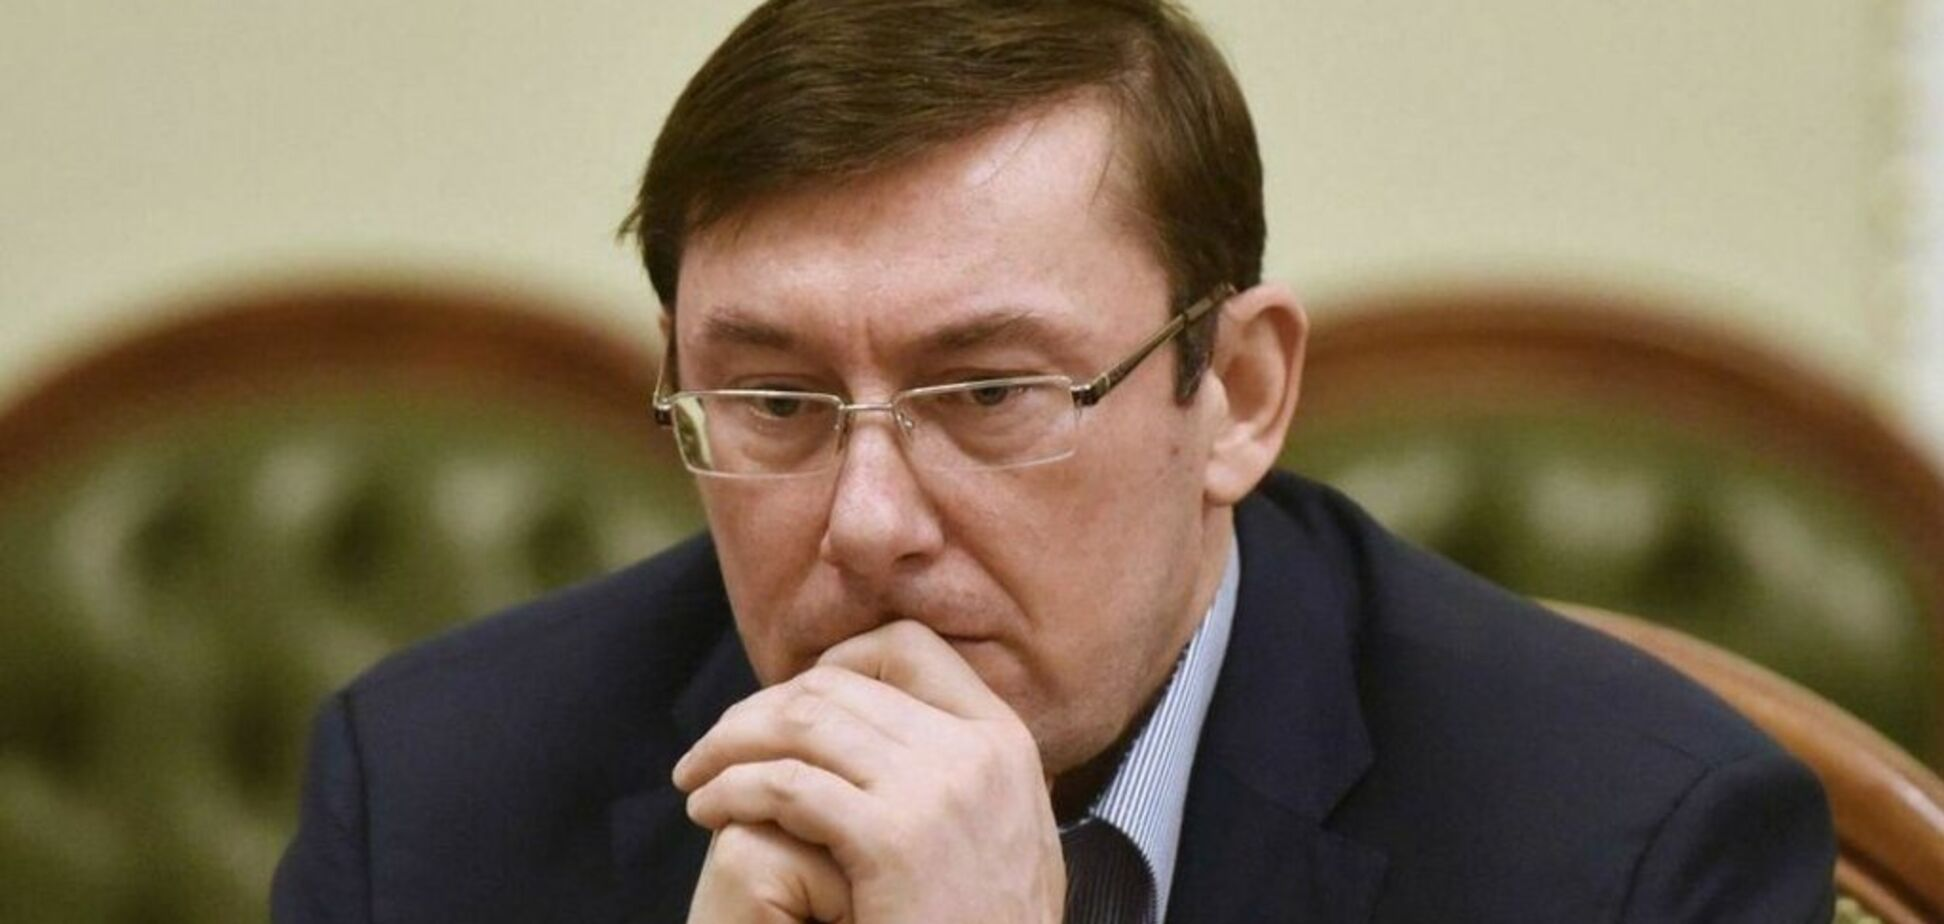 Порошенко и Зеленский узнали потом: Луценко признался в 'авантюре' с Джулиани